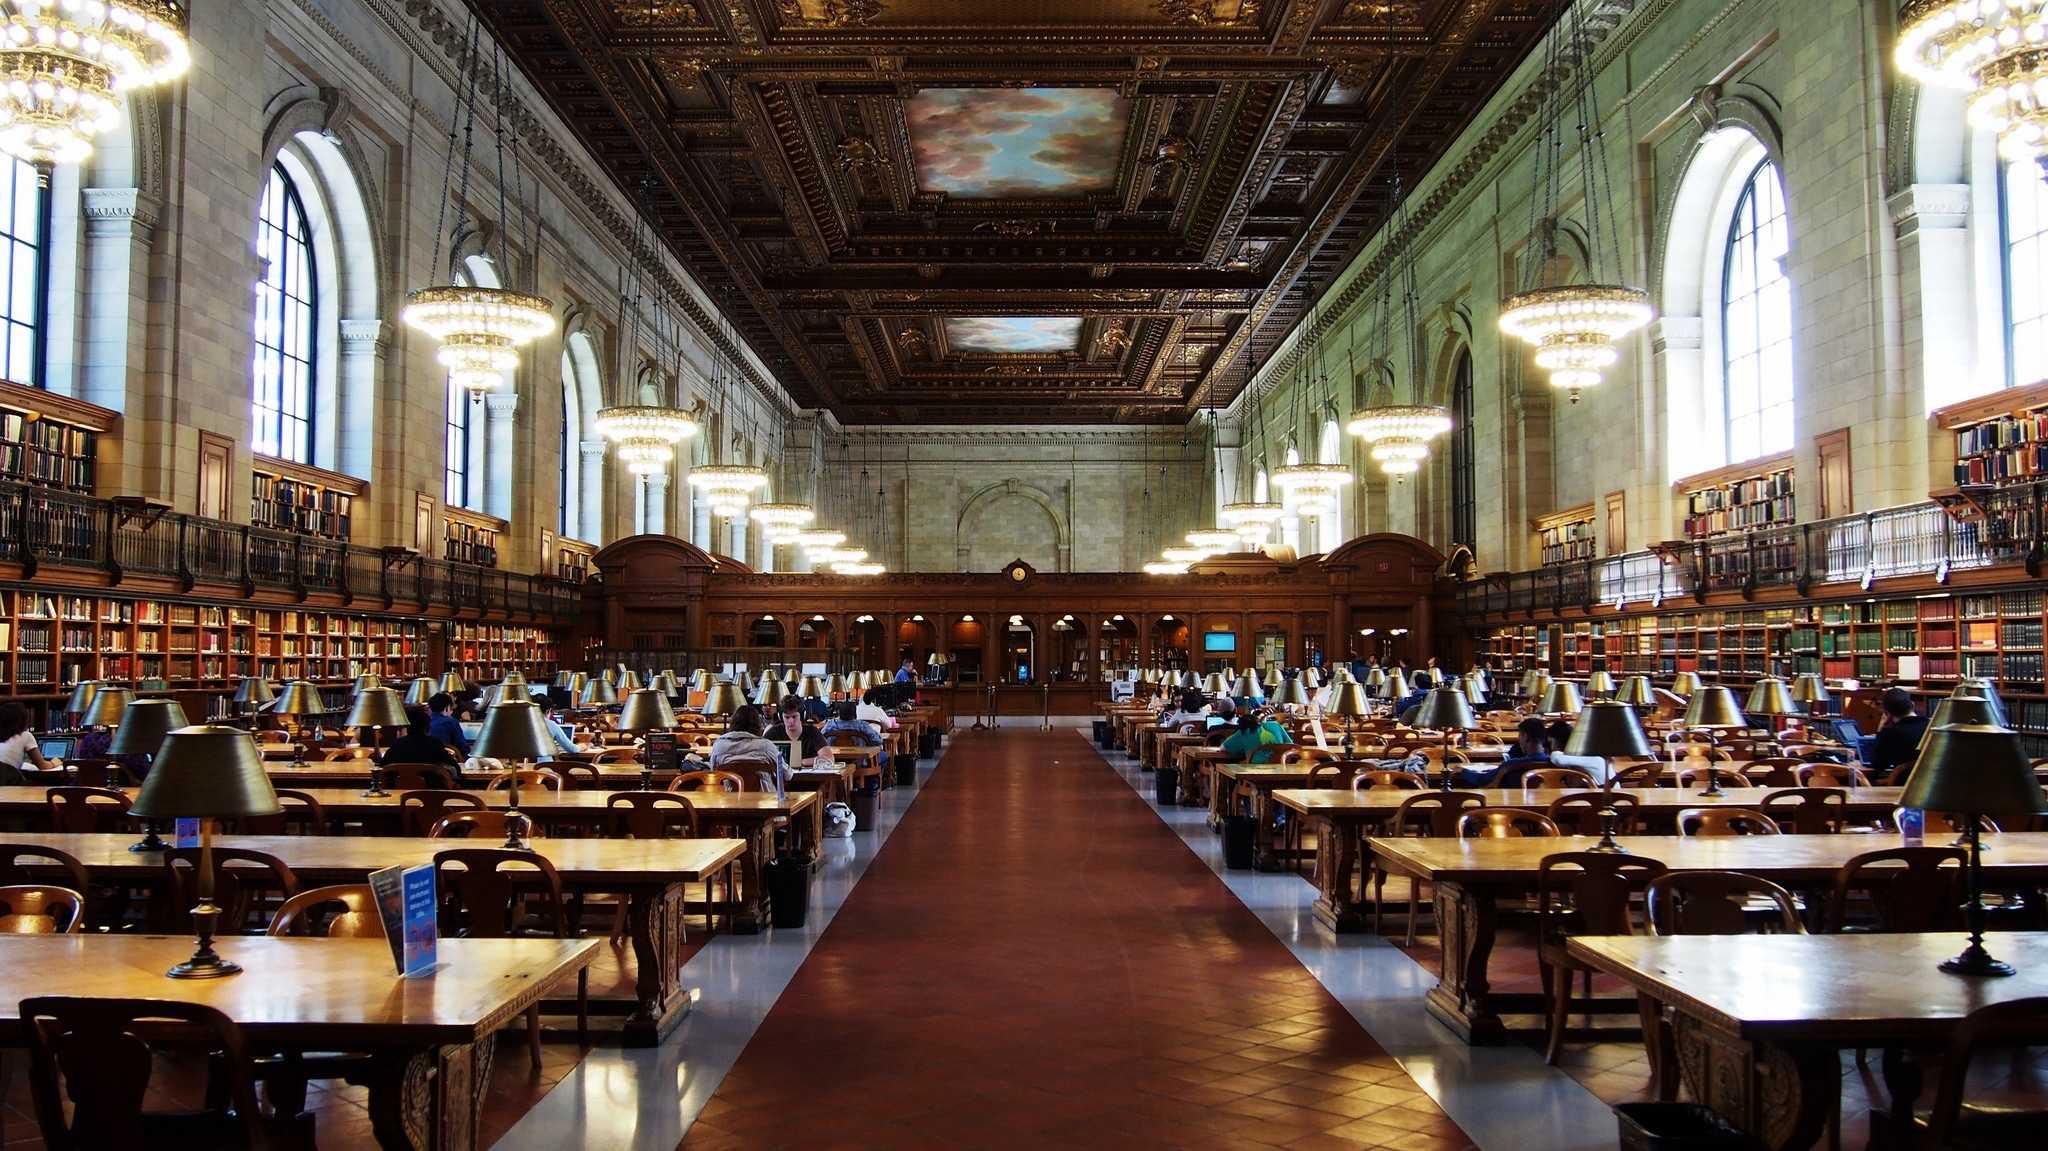 Нью-Йоркская публичная библиотека, Нью-Йорк (США)